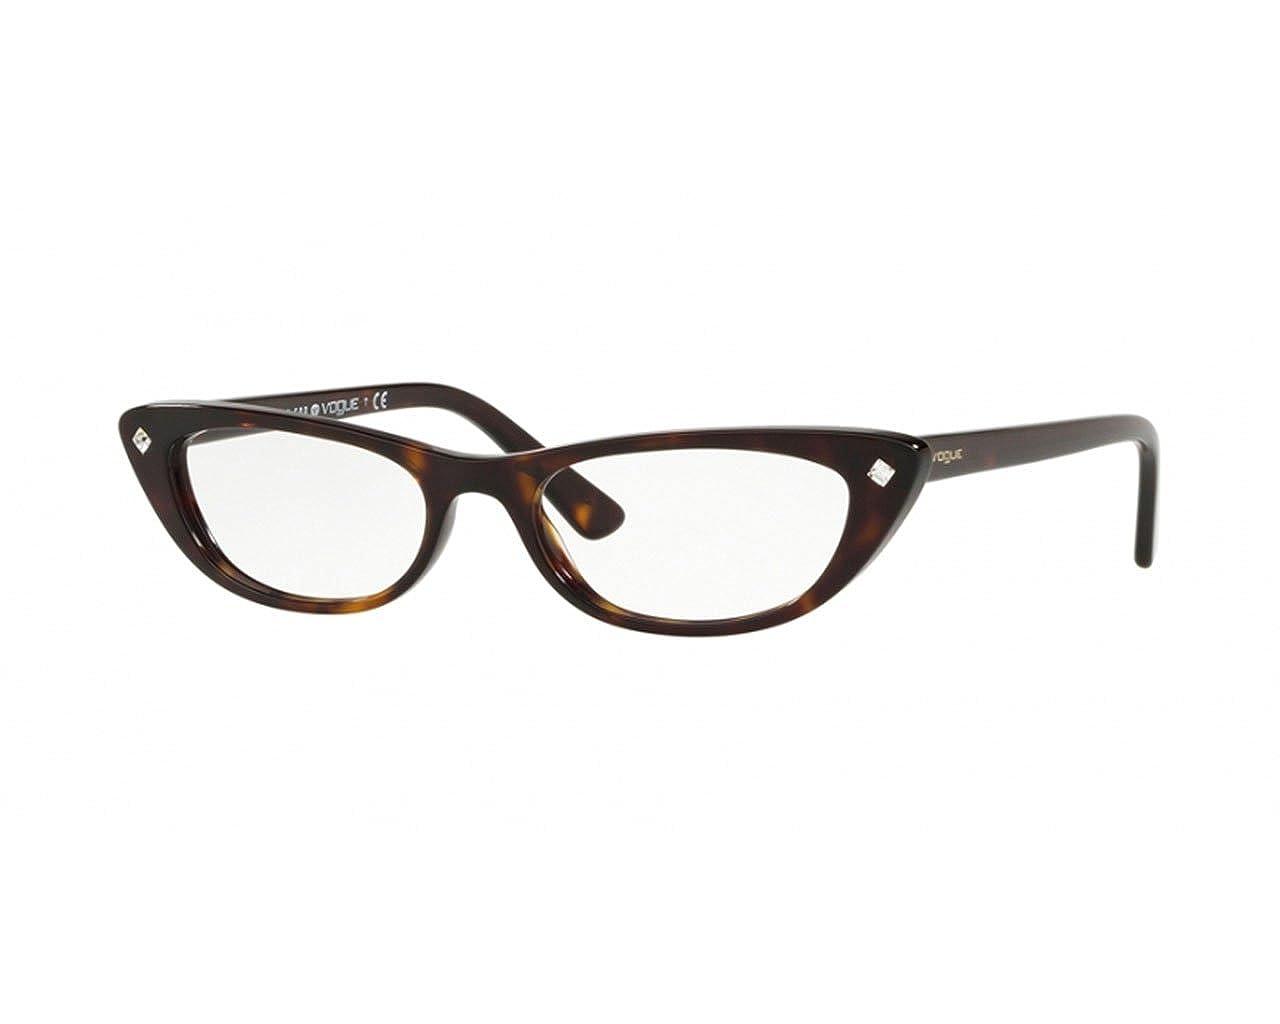 Vogue montature occhiali da vista VO5236B collezione by GIGI HADID